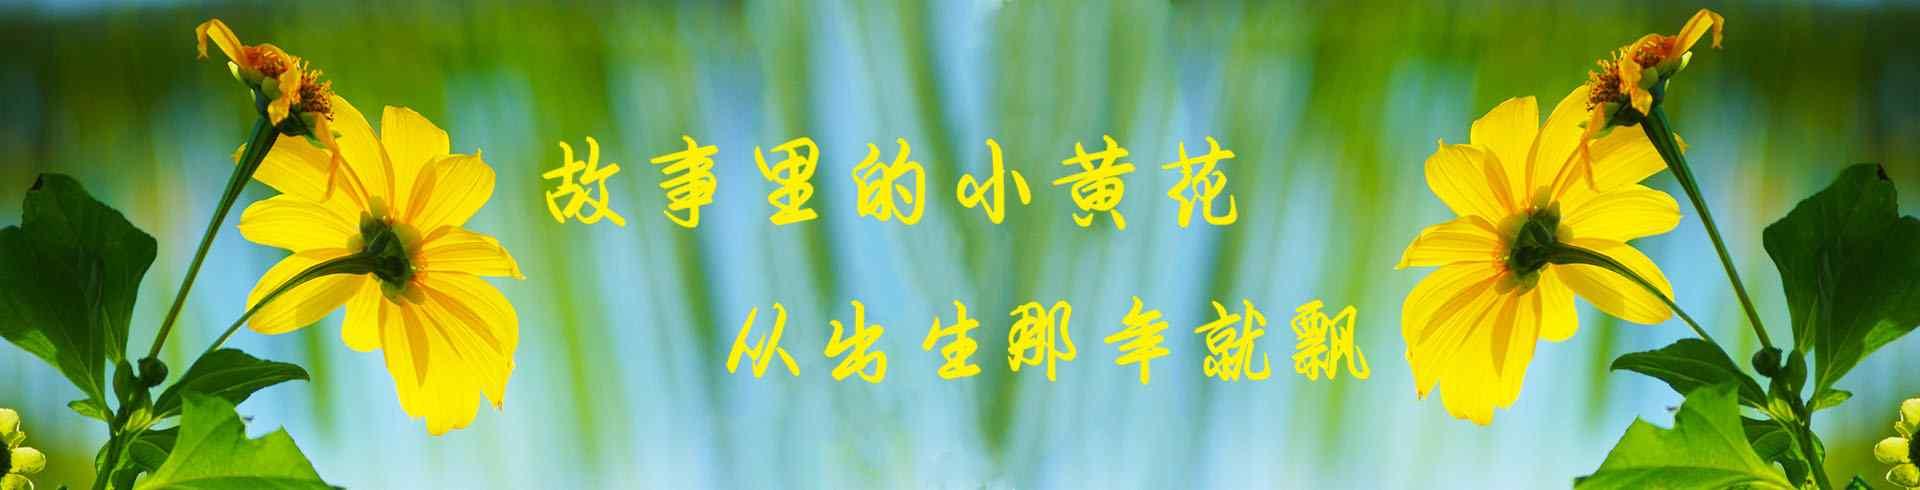 小黄花_小黄花图片_油菜花图片_小黄花桌面壁纸、手机壁纸_植物壁纸